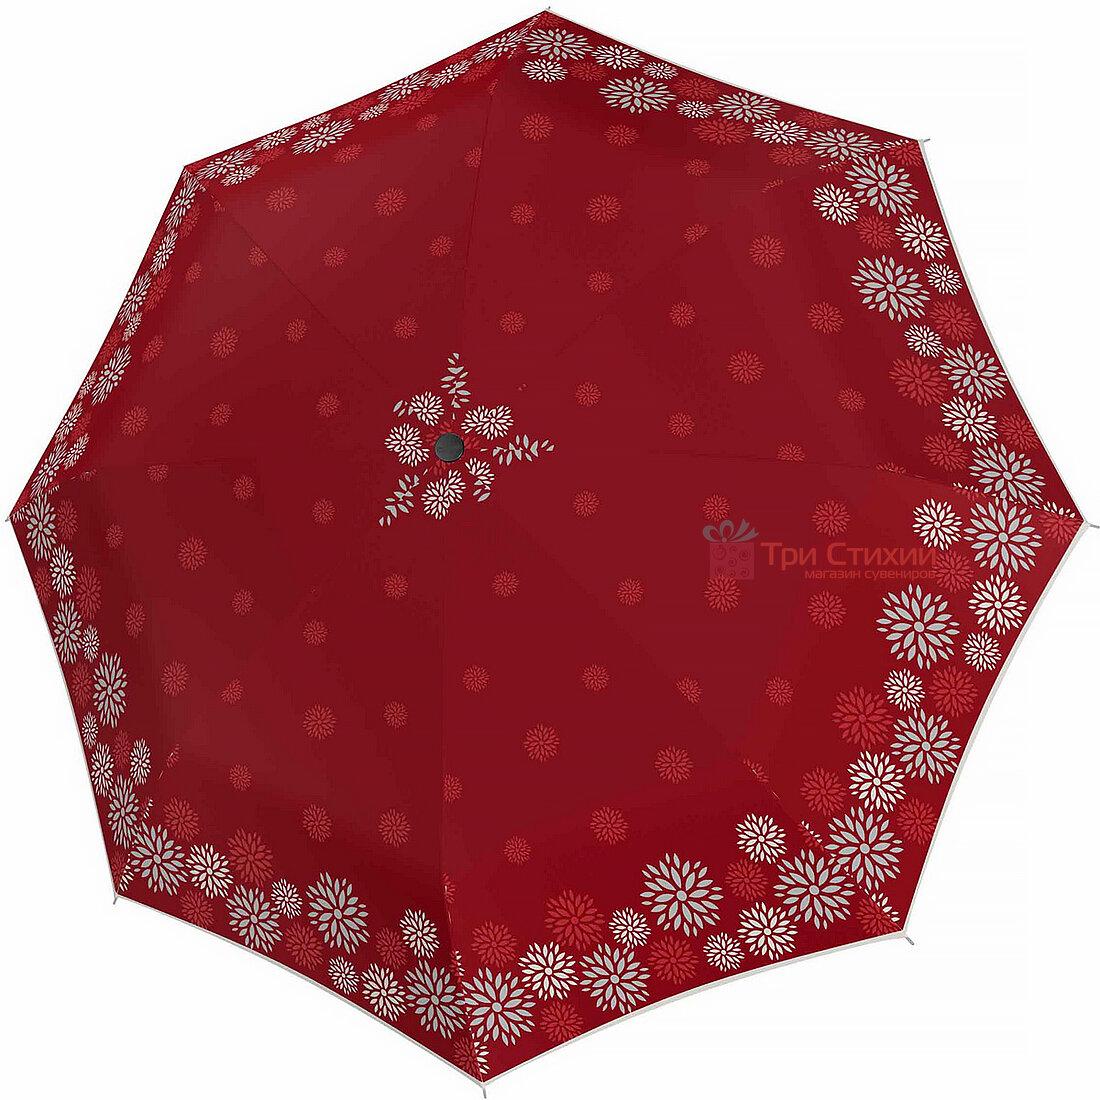 Зонт складной Doppler 7301652903-1 полуавтомат Красные цветы, Цвет: Красный, фото